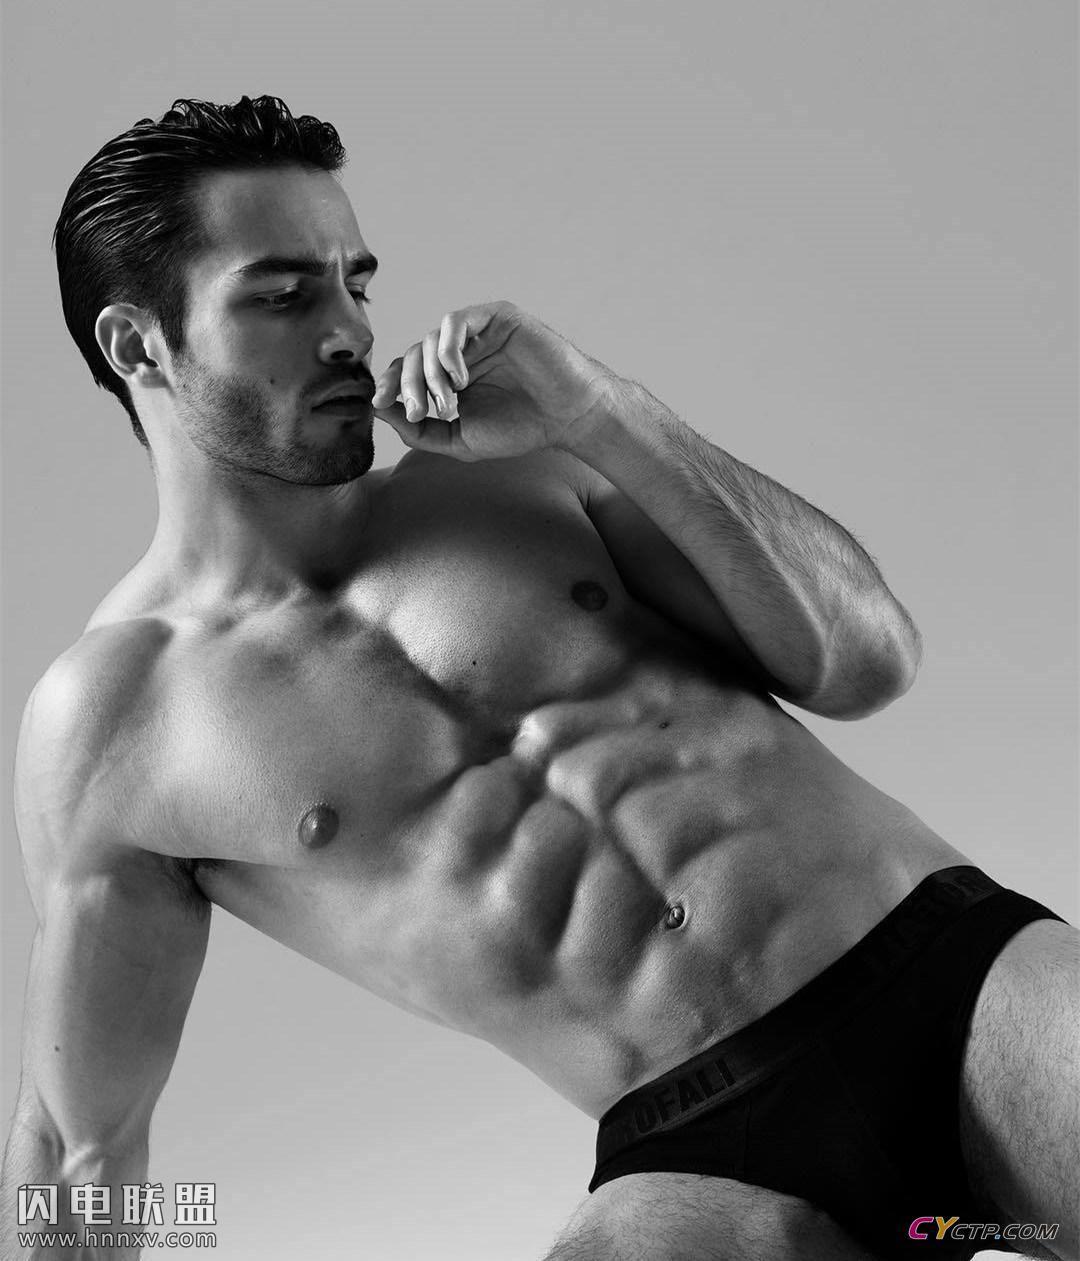 美国肌肉男神腹肌图片第3张